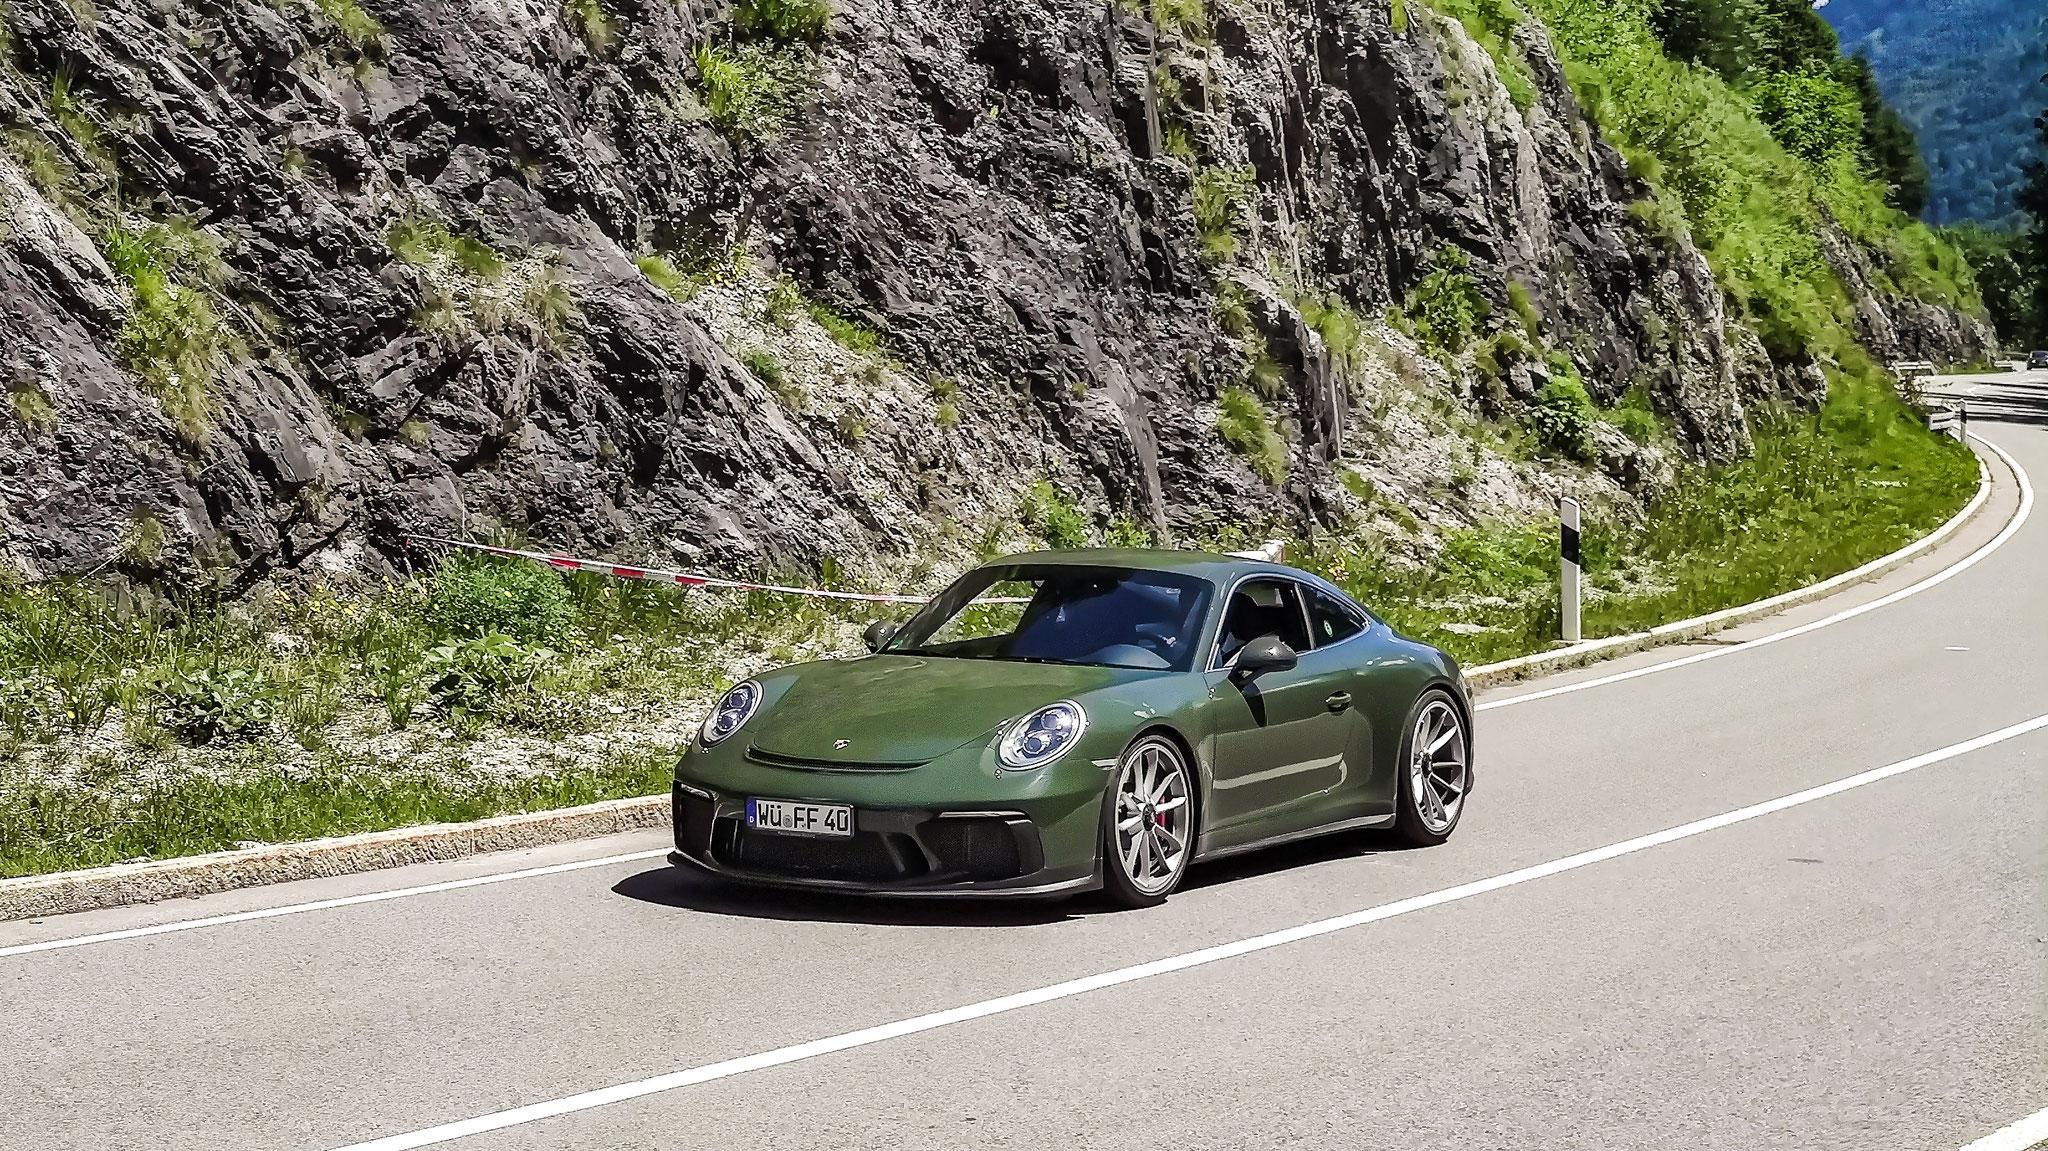 Porsche 991 GT3 Touring Package - WÜ-FF-40